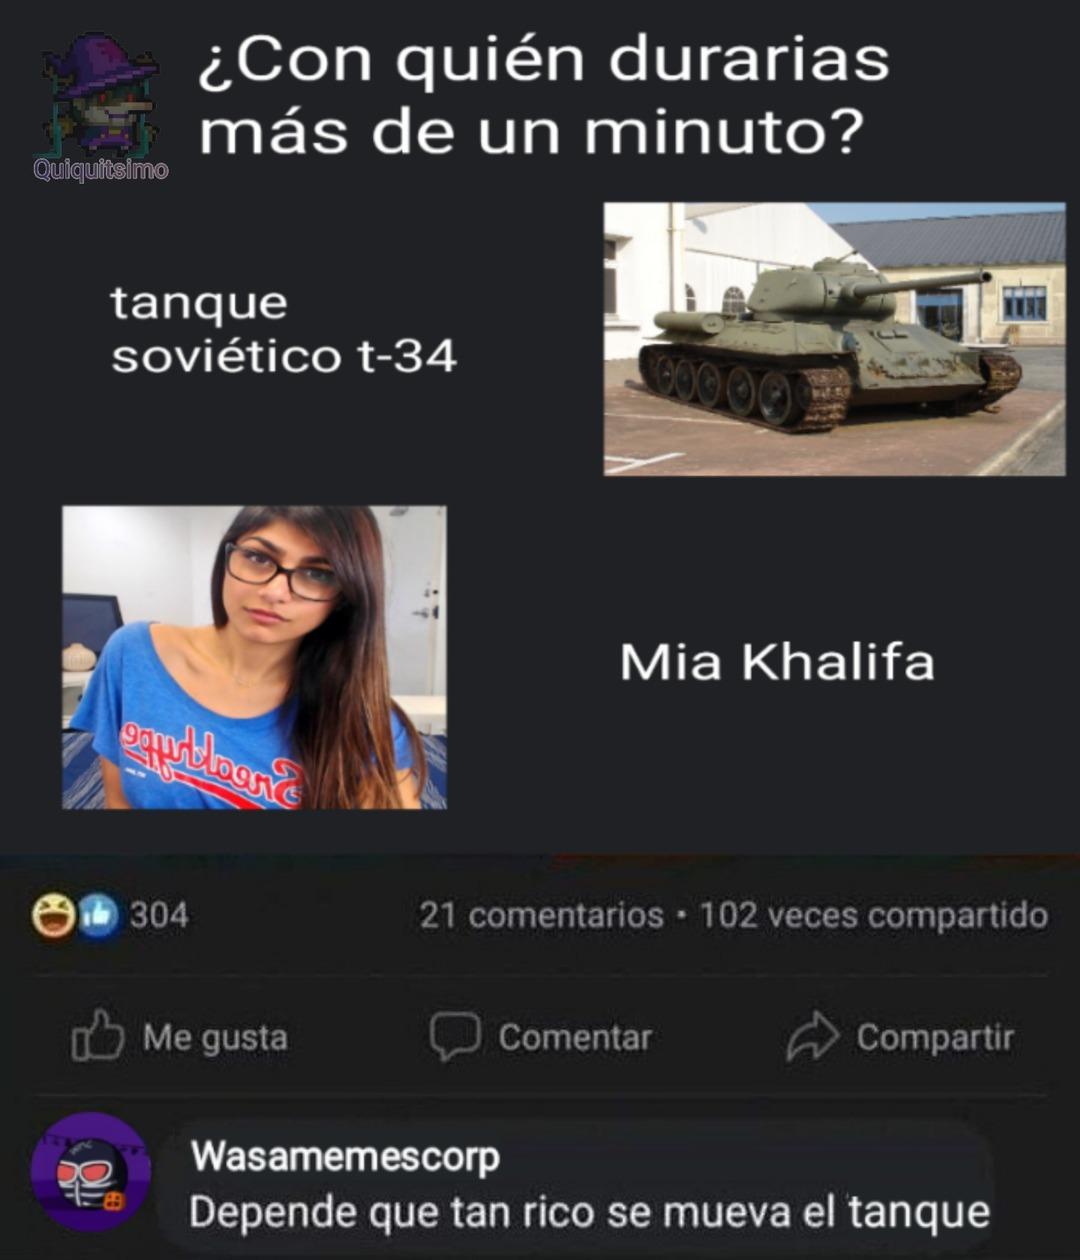 Nooo wasamescorp deja el tanque en paz - meme